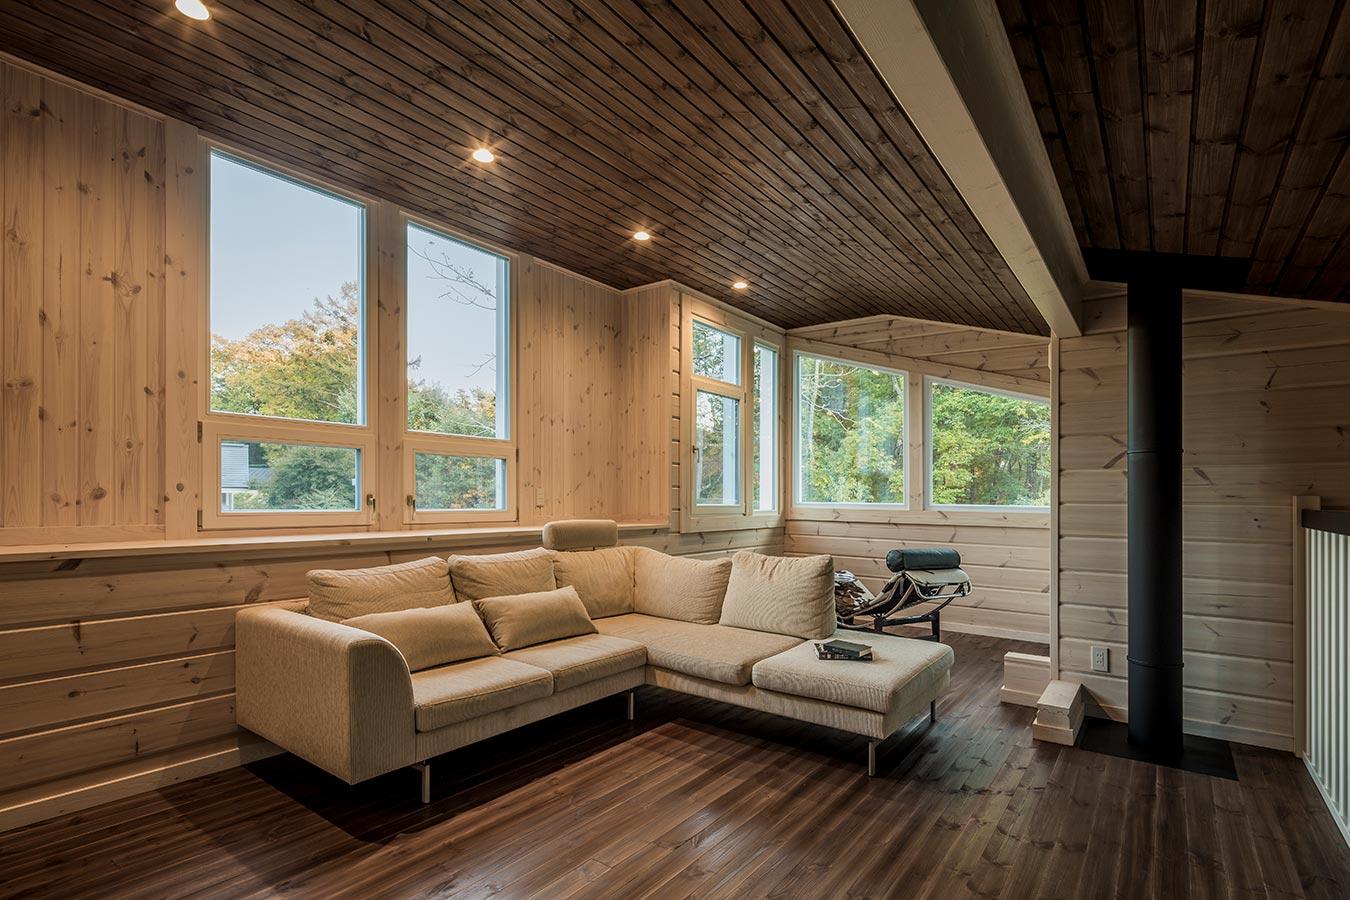 天井と床を、ダークブラウンに塗装し、落ち着いた印象のロフトです。